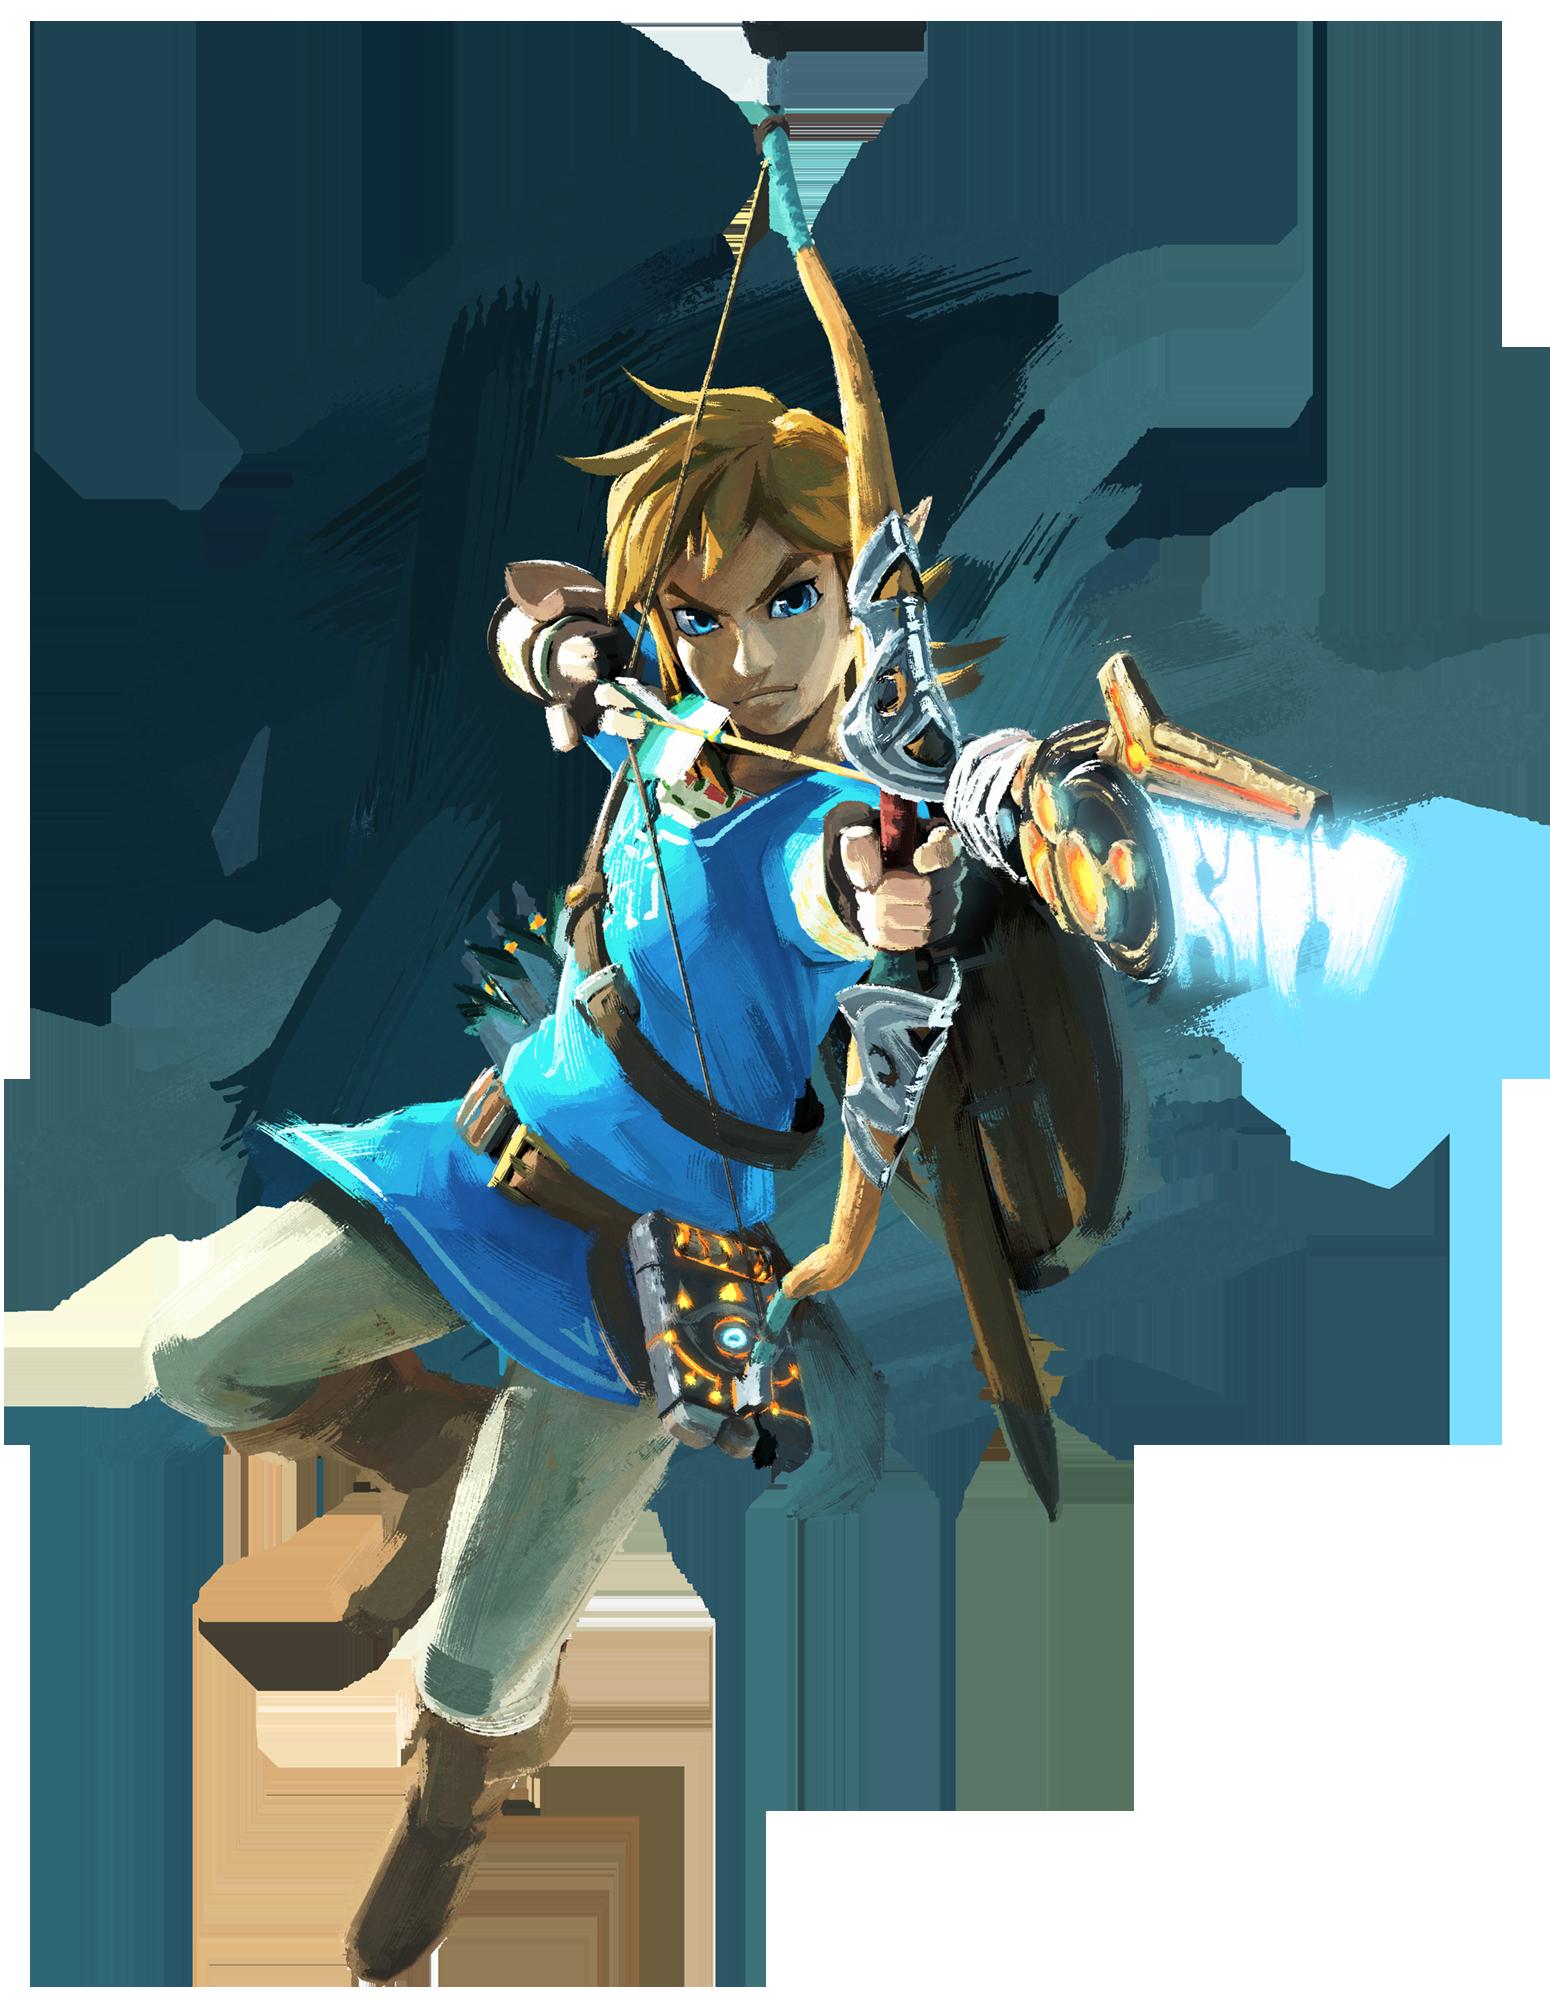 Zelda Wii U Link Artwork Png 1 550 2 000 Pixels Arte Com Personagens Artes E Oficios Artes Desenhos